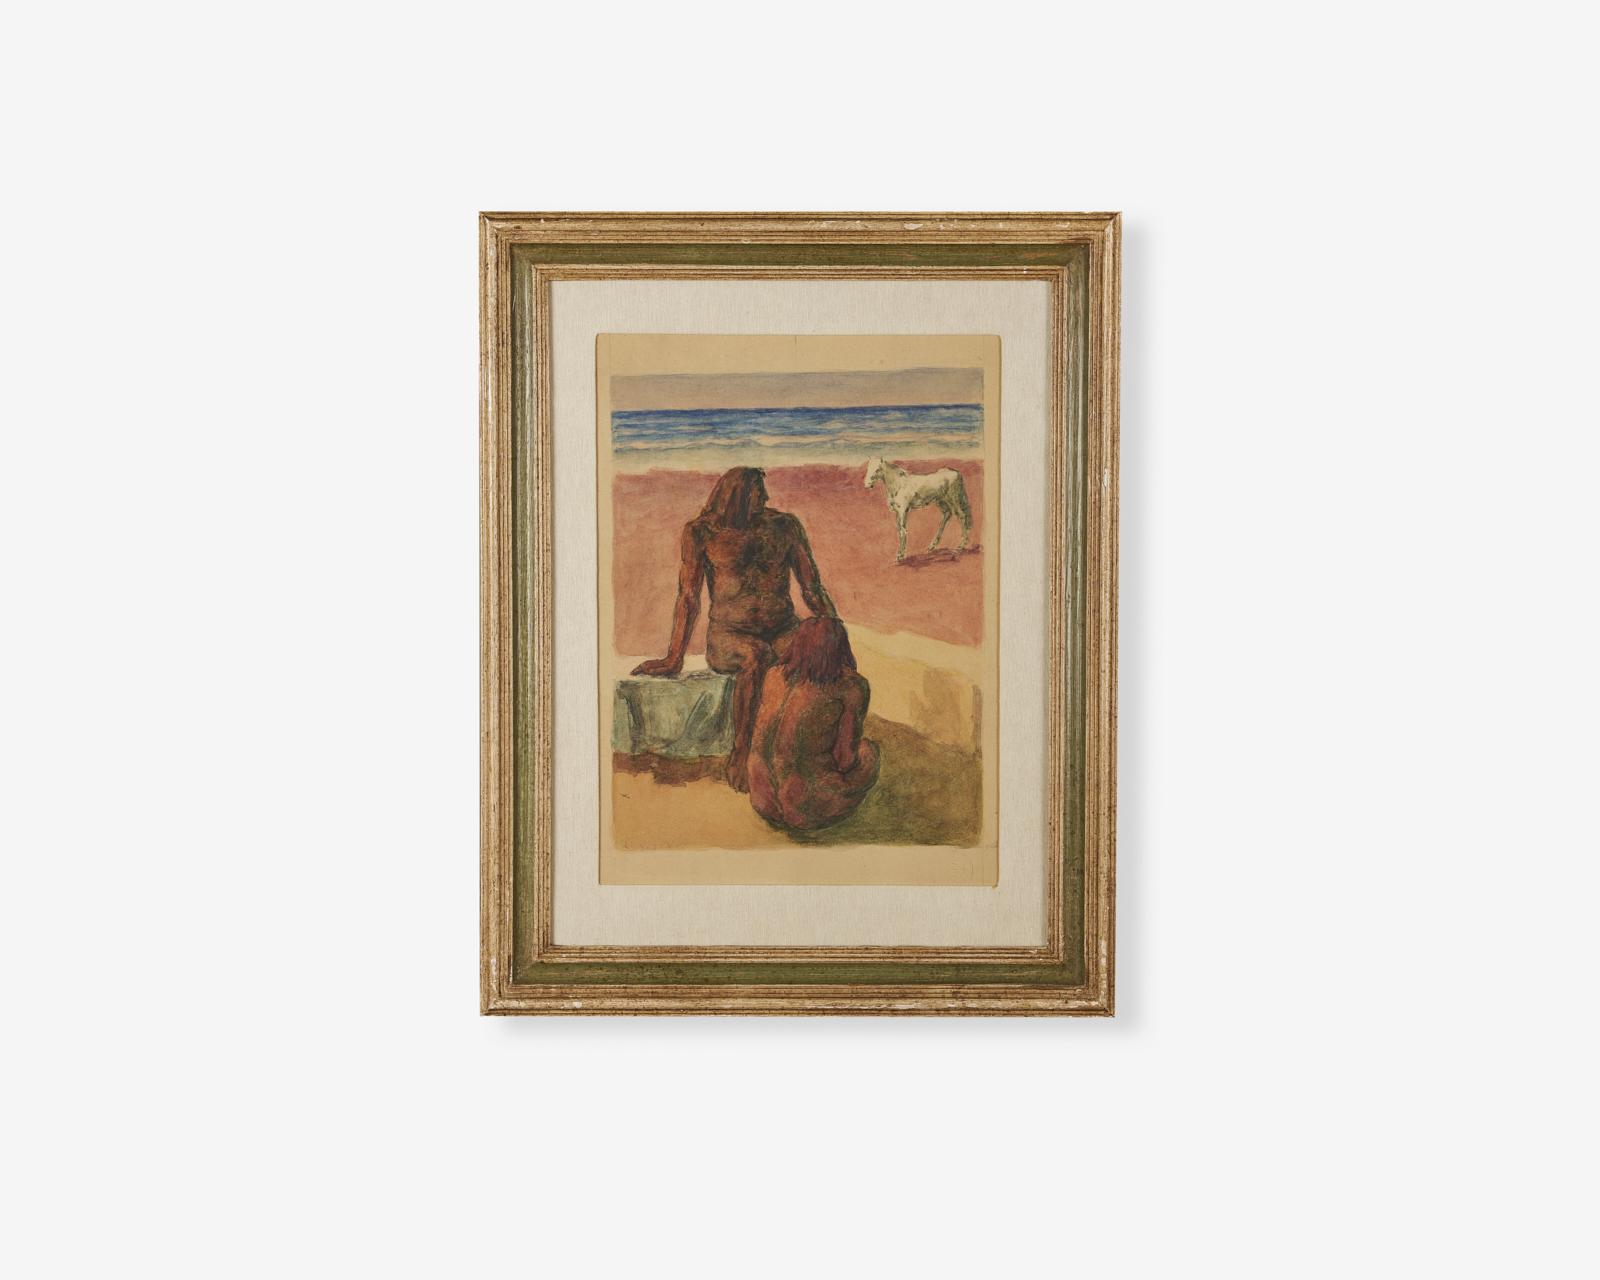 Albano-vitturi_acquarello-su-carta_anni-20_26x36_cavallo-bianco